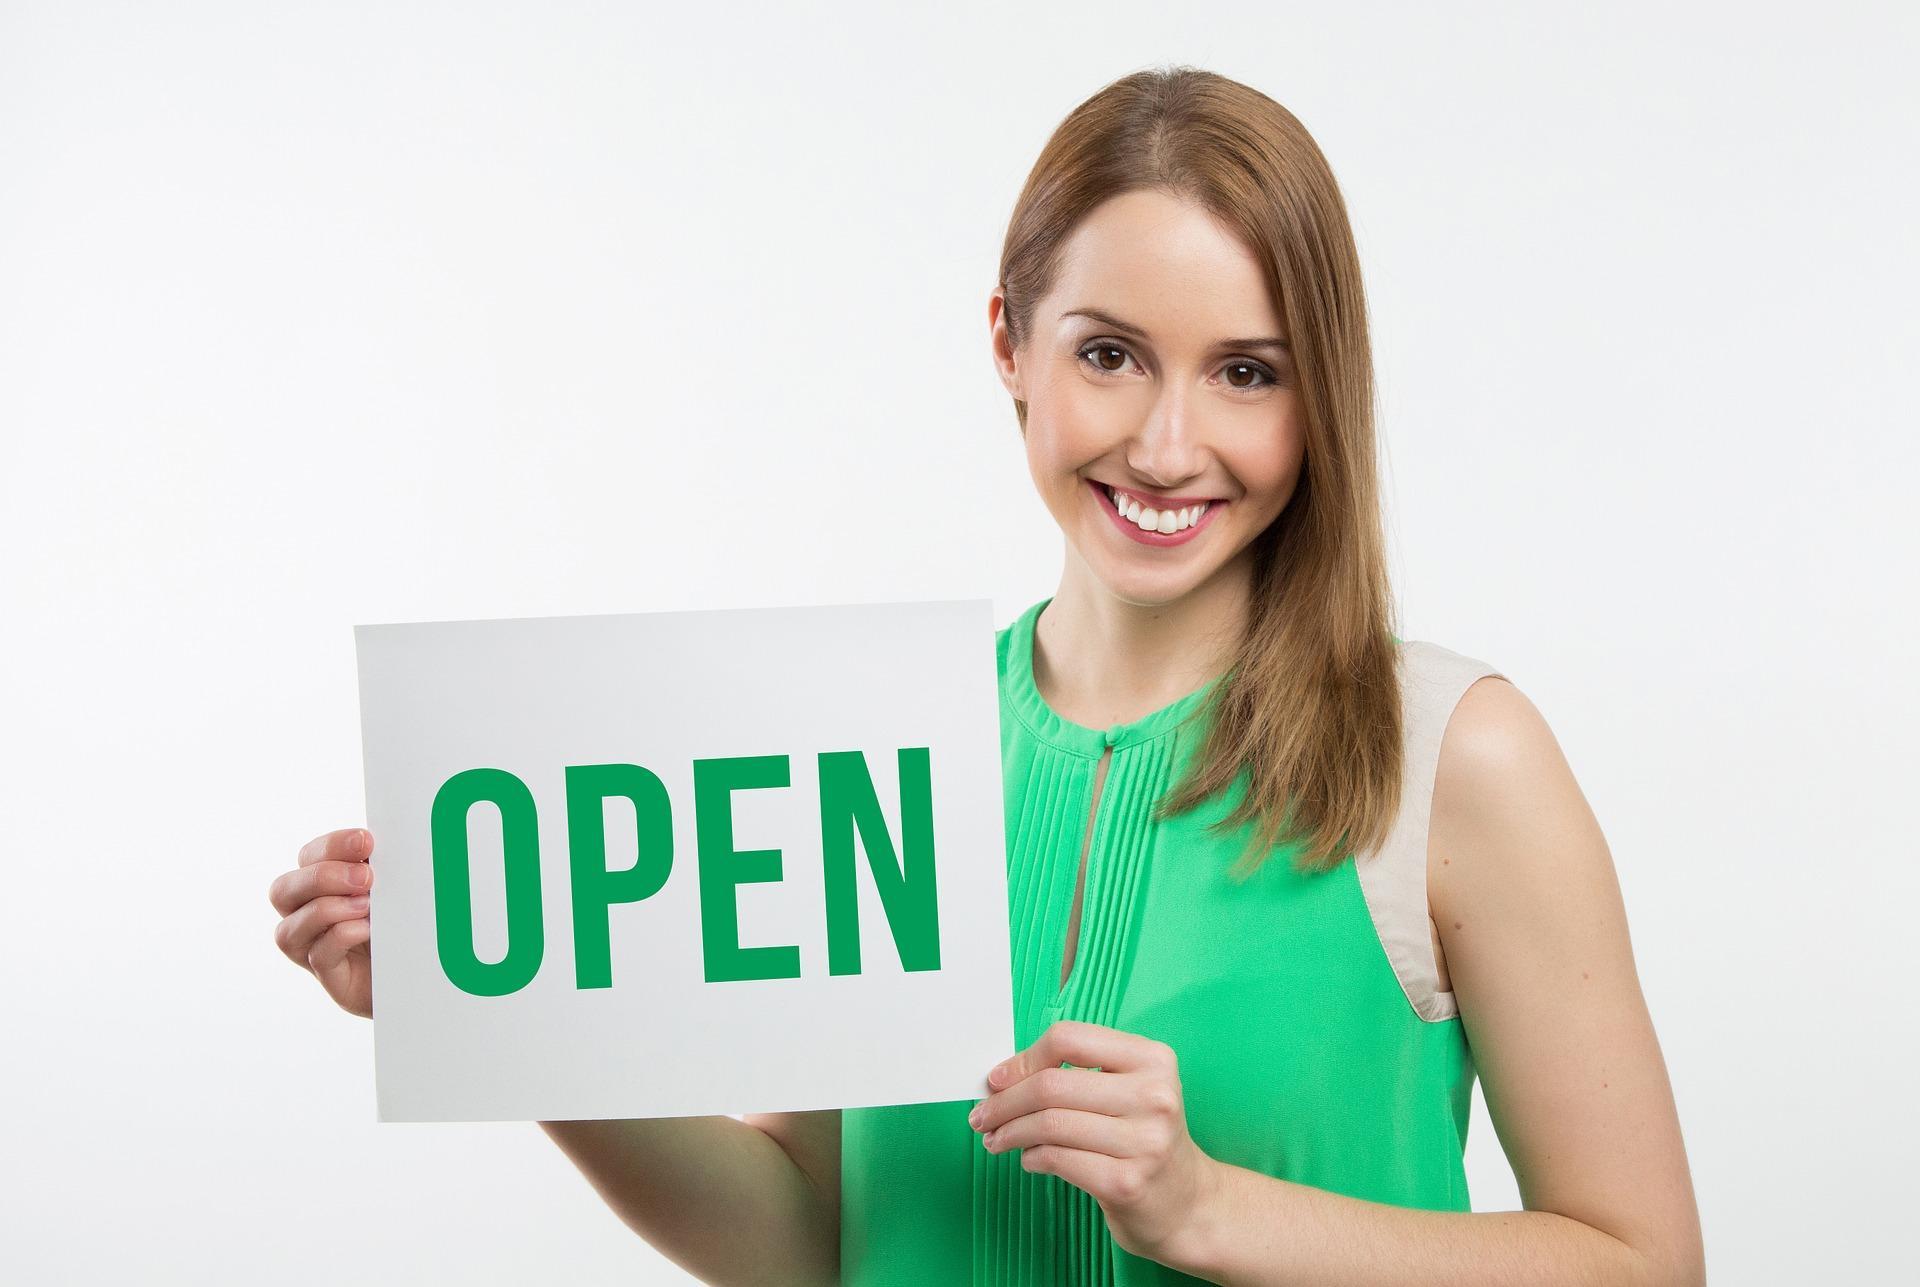 רוצים לפתוח עסק? כך תעשו את זה נכון